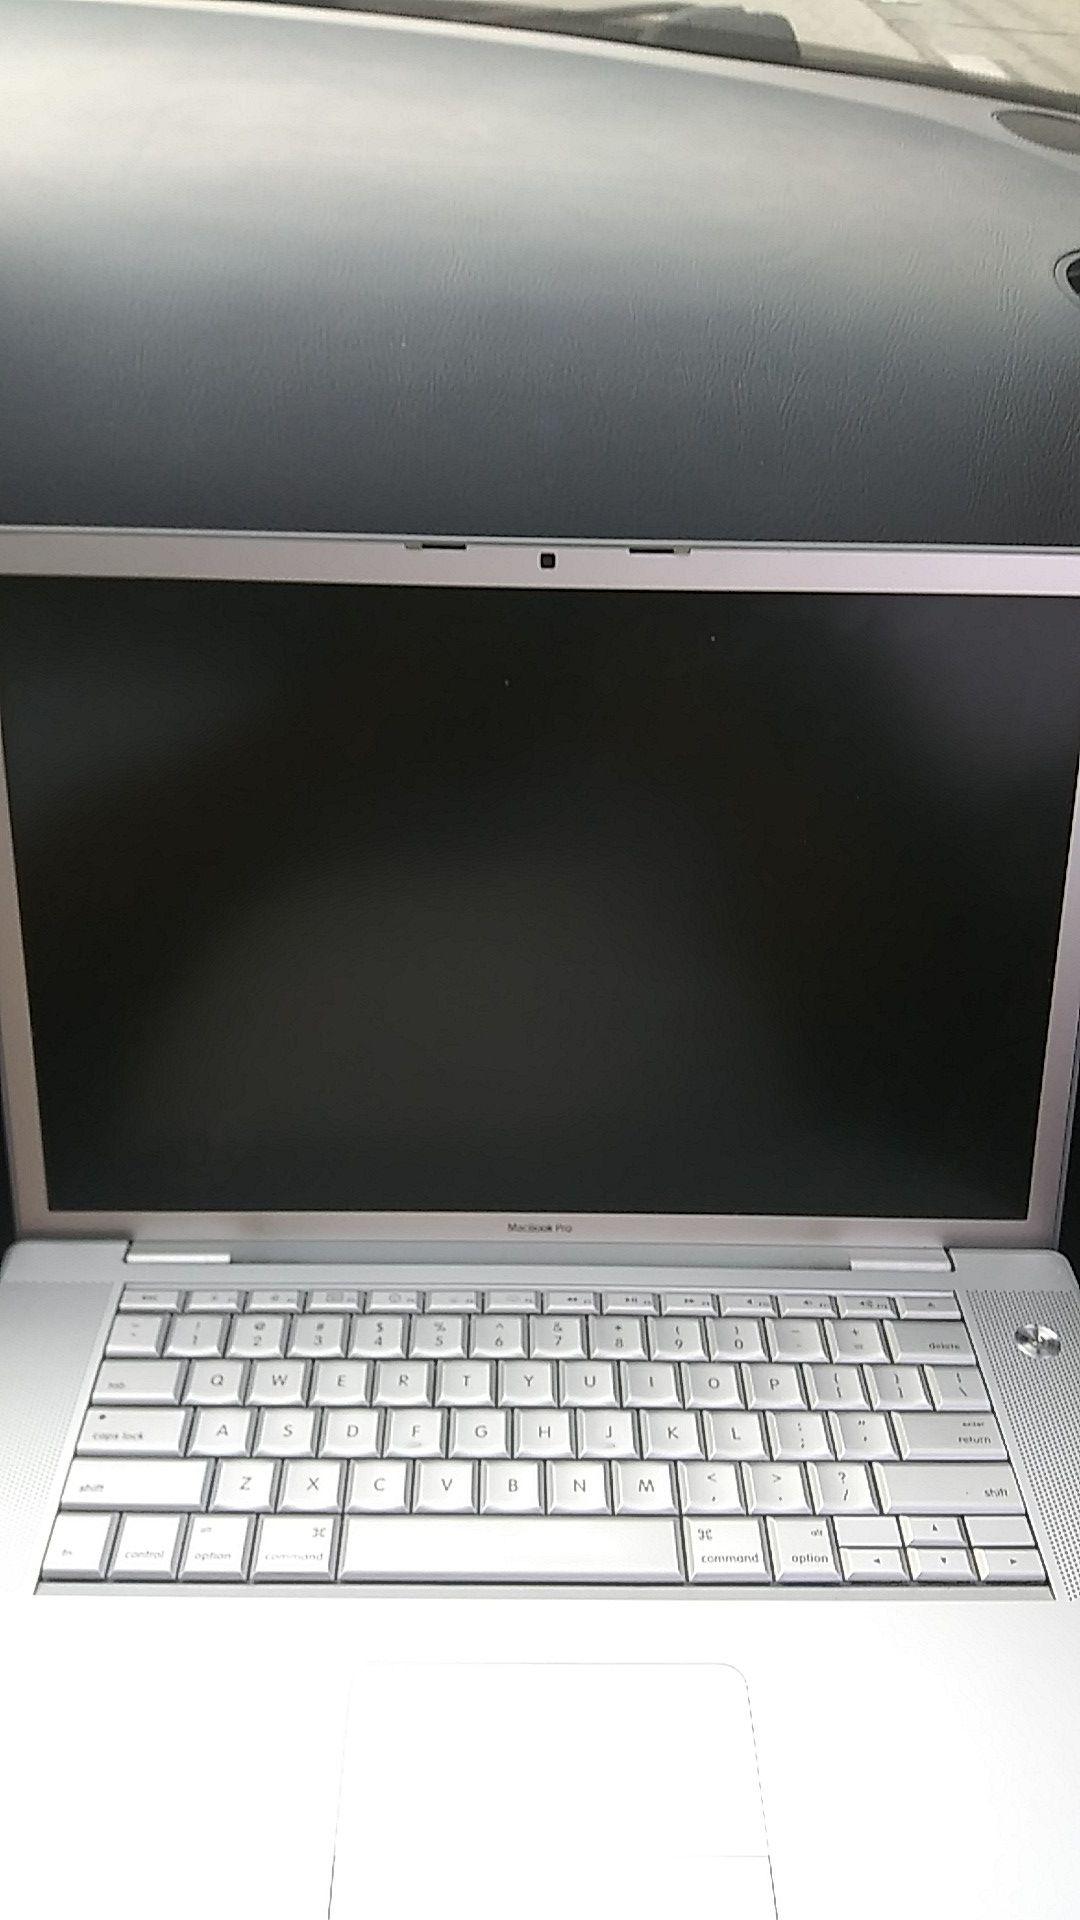 2008 macbook A1260